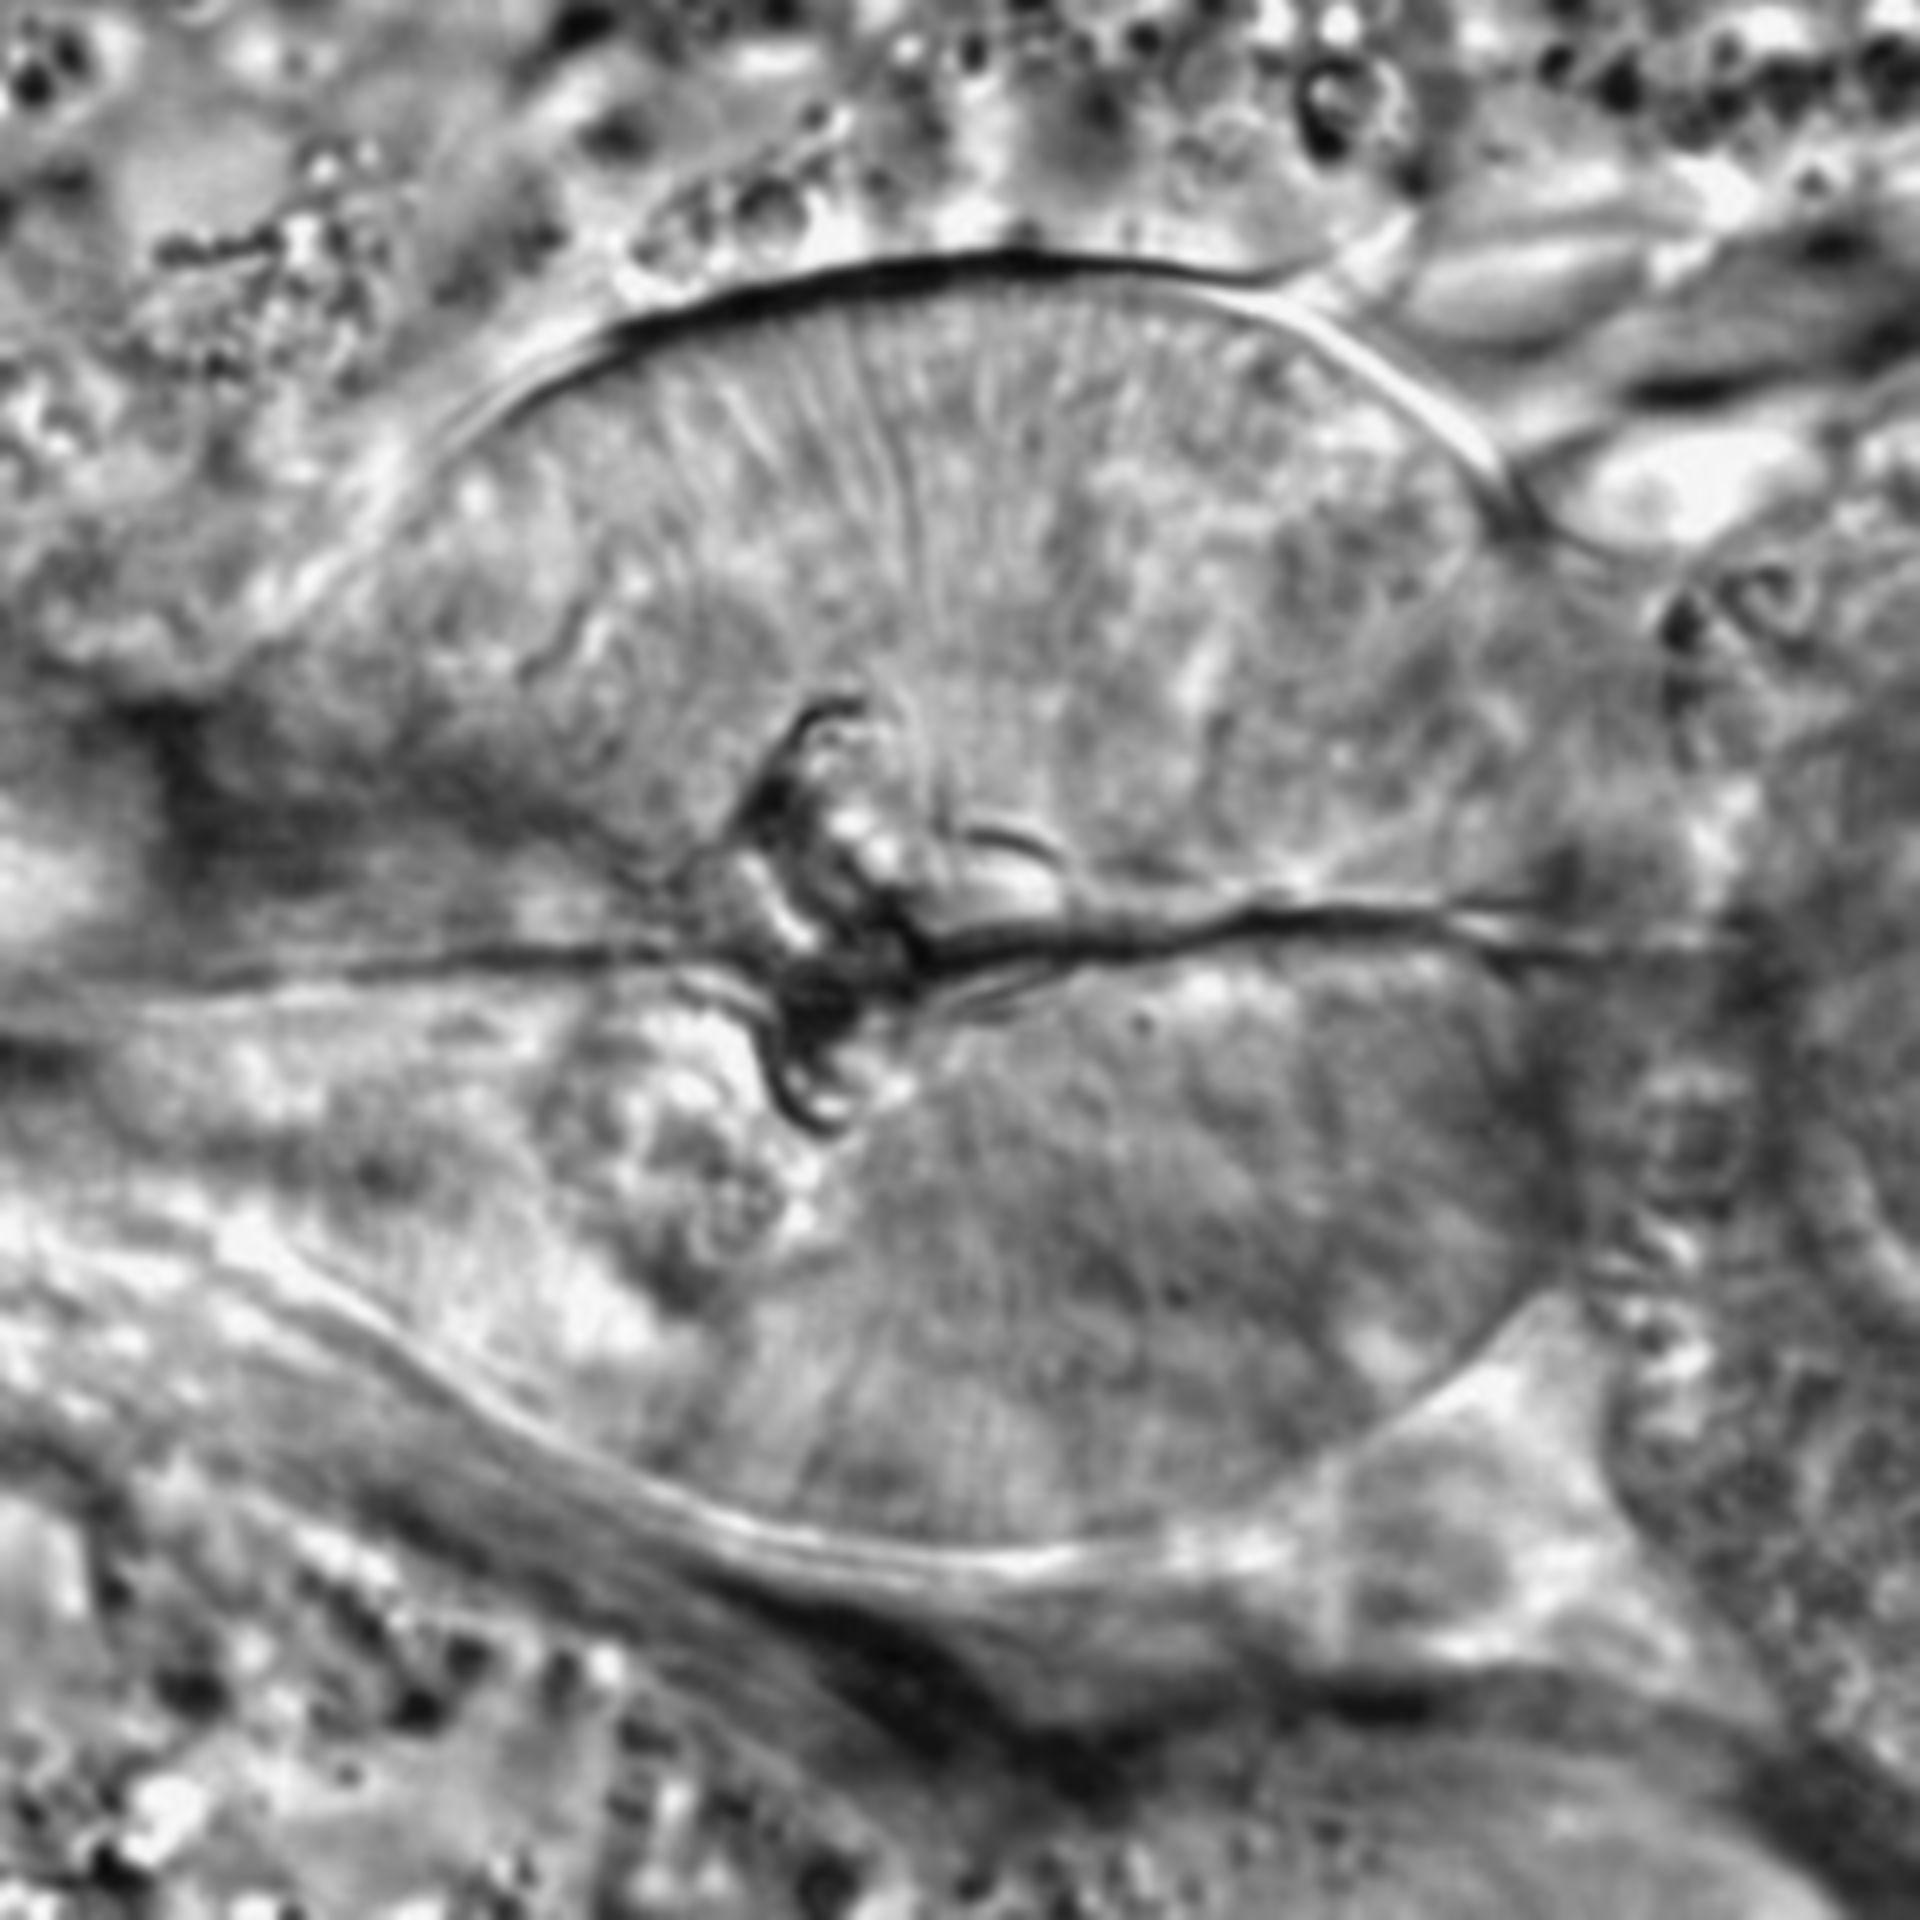 Caenorhabditis elegans - CIL:1747